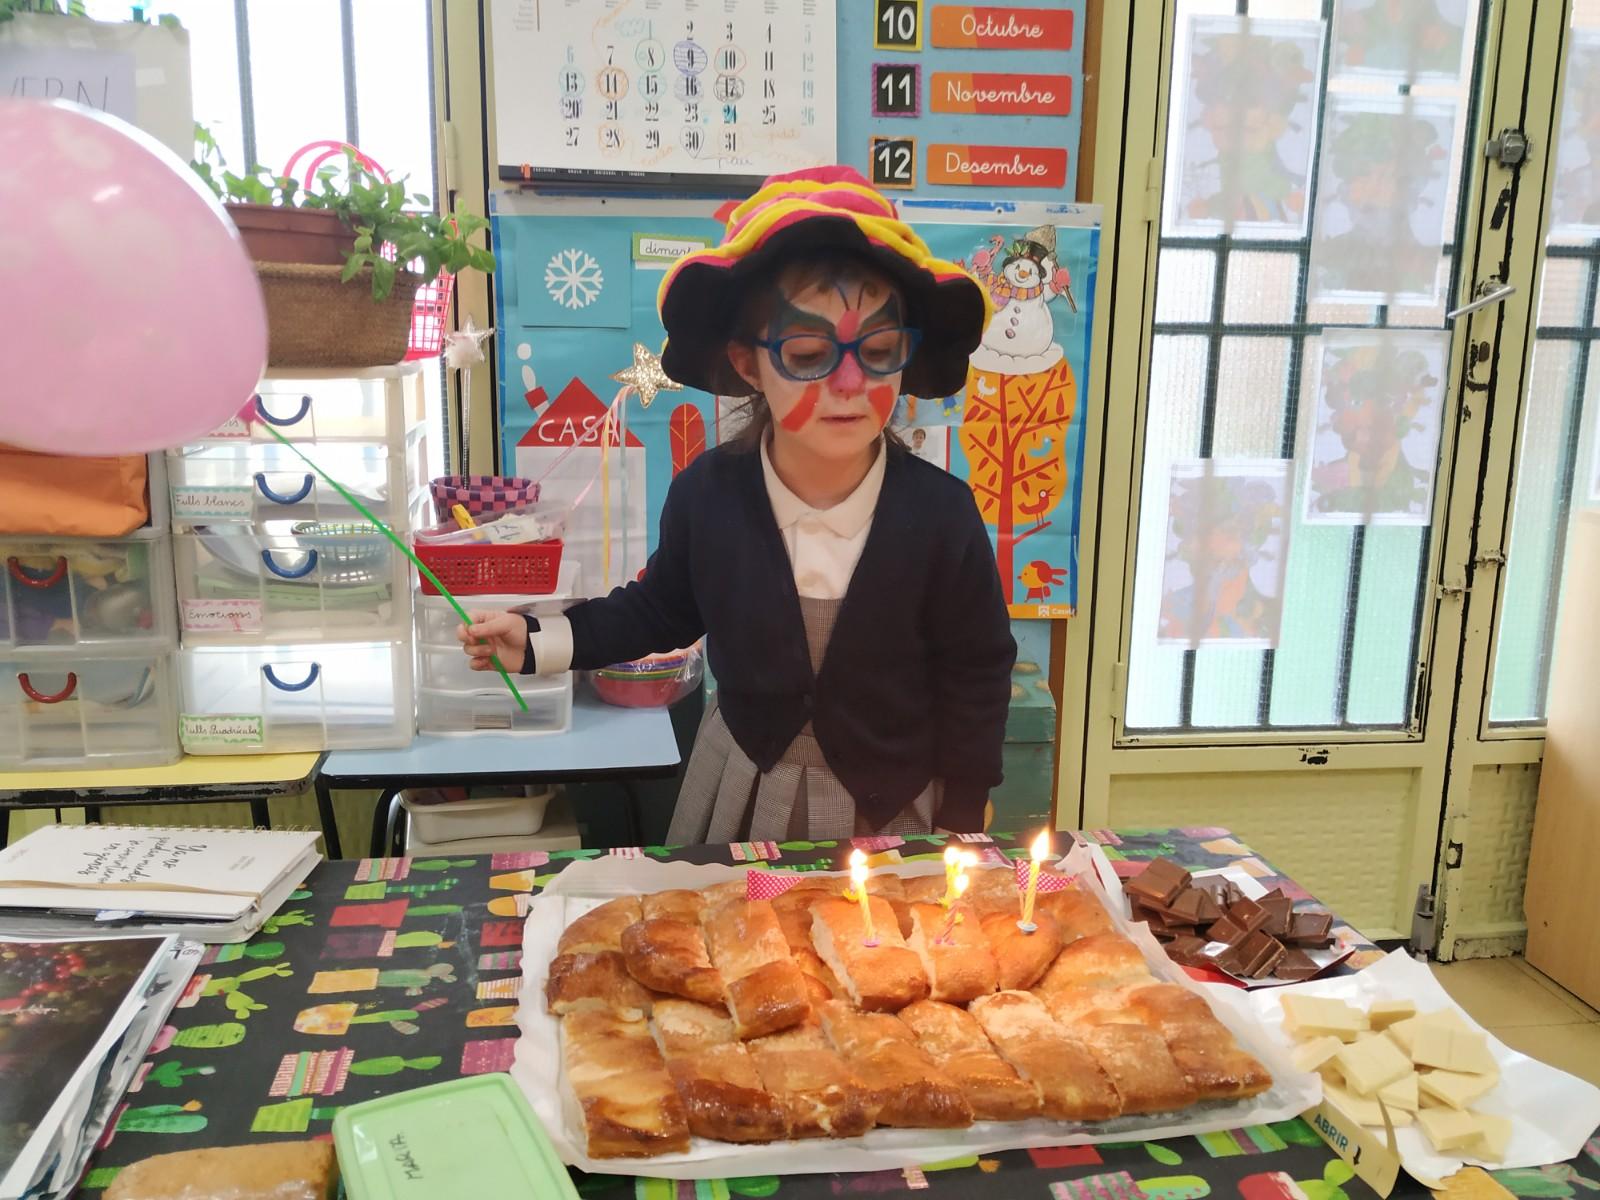 Aniversaris febrer - Educació Infantil - 19